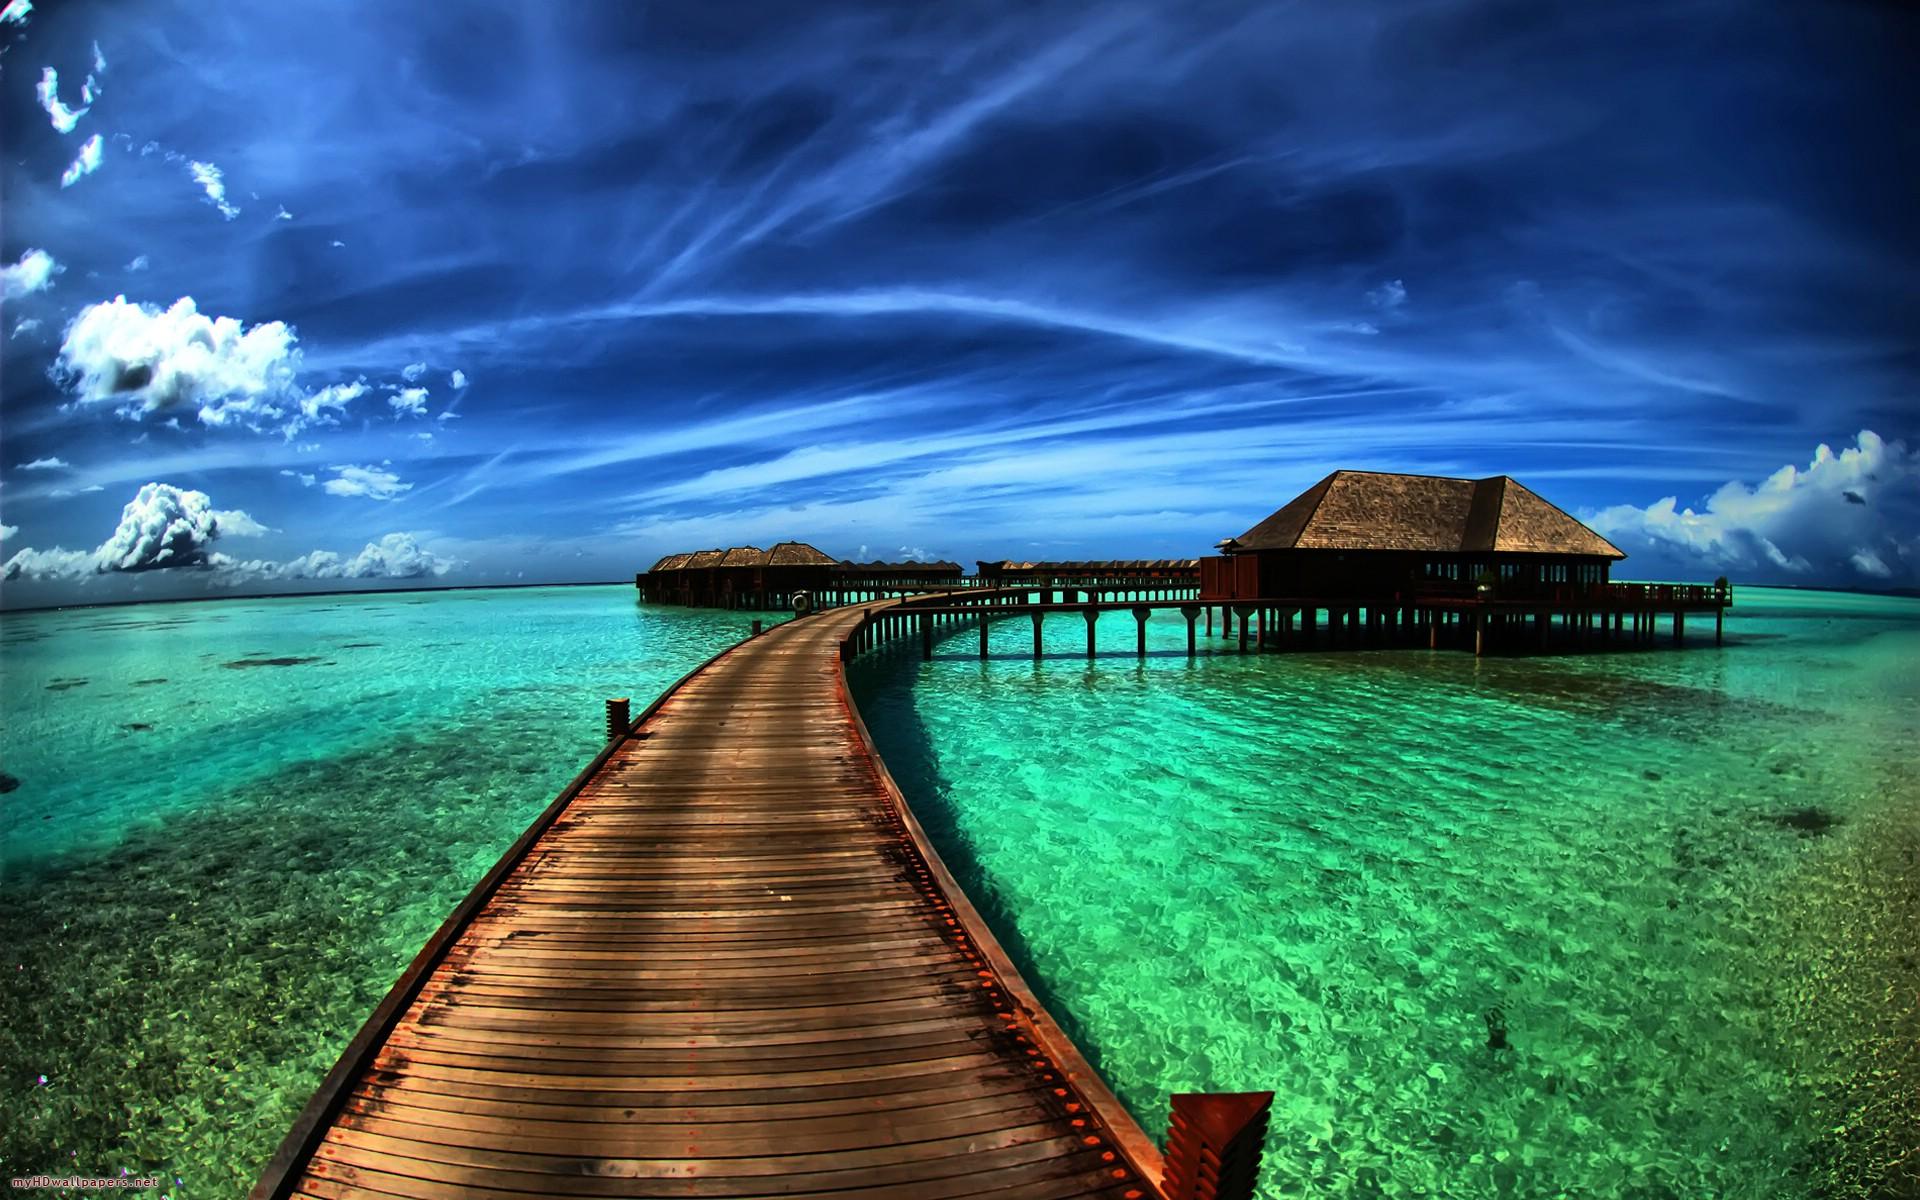 Виза на Мальдивы: нужно ли оформлять для отдыха в 2018 году?